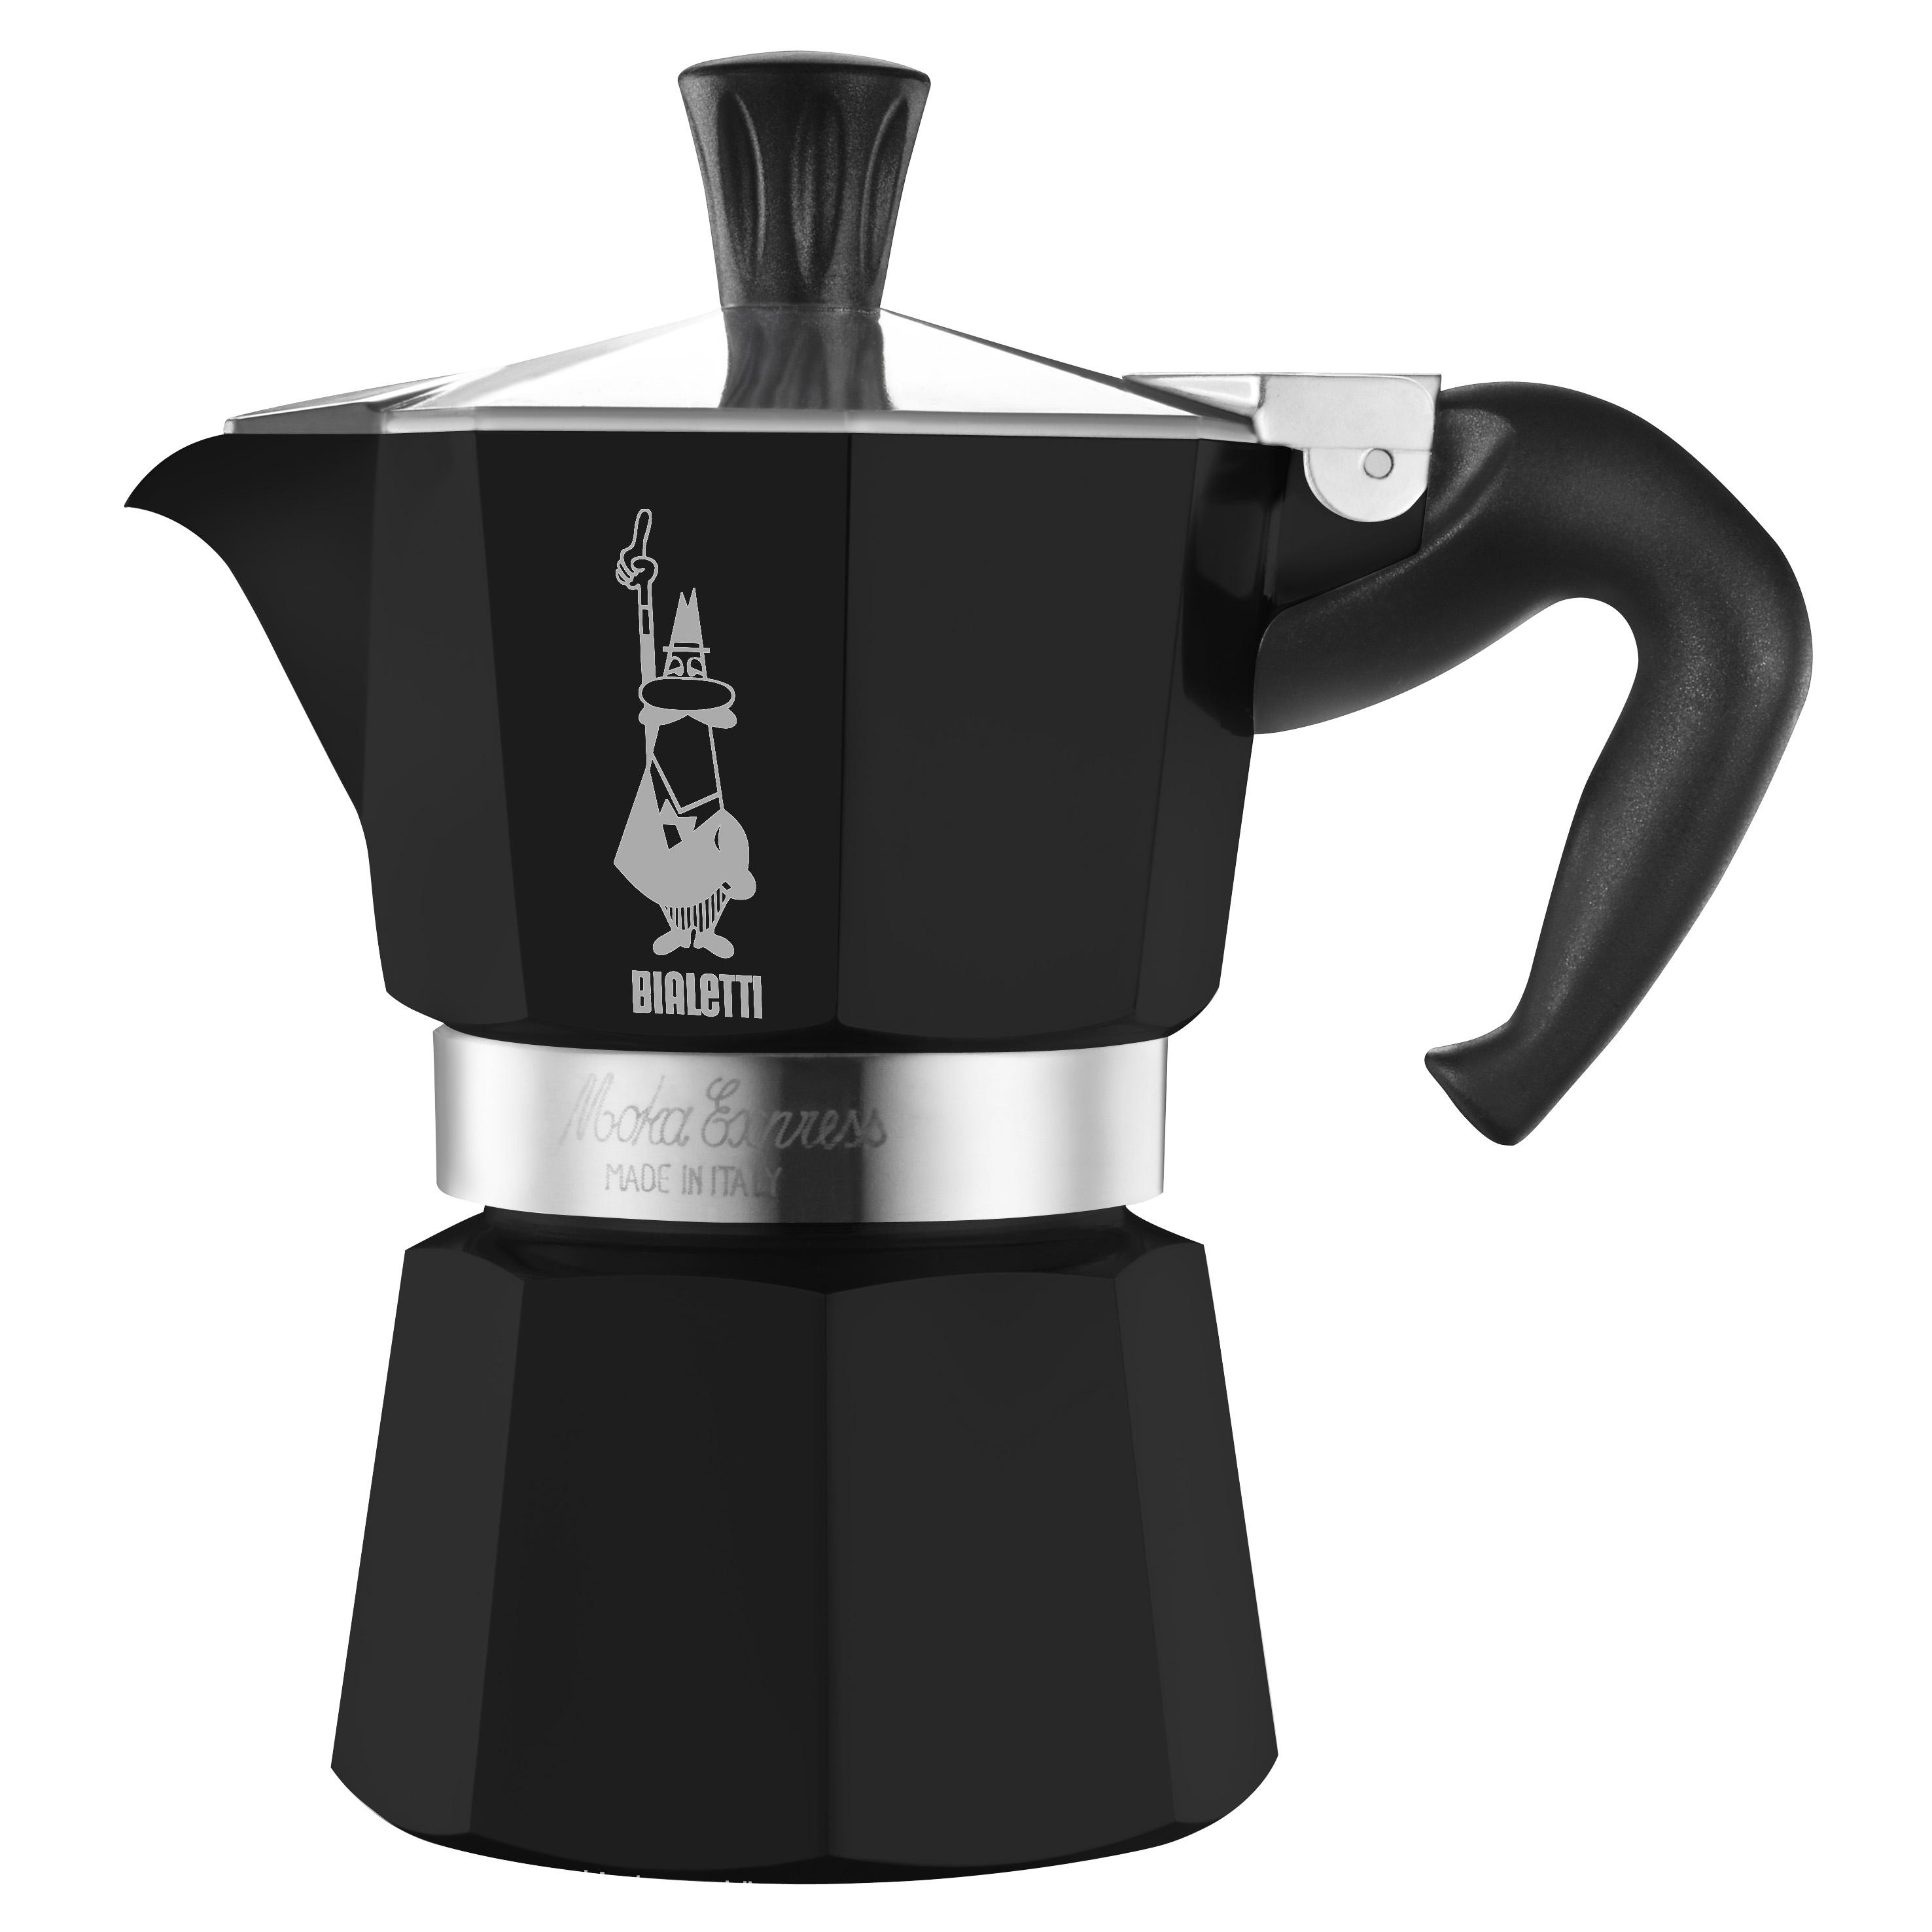 Кофеварка Bialetti Moka express 3 п. 3752 Black б/кКофеварки и кофемашины<br><br><br>Тип : гейзерная кофеварка<br>Тип используемого кофе: Молотый<br>Объем, л: 0,12<br>Материал корпуса  : Металл